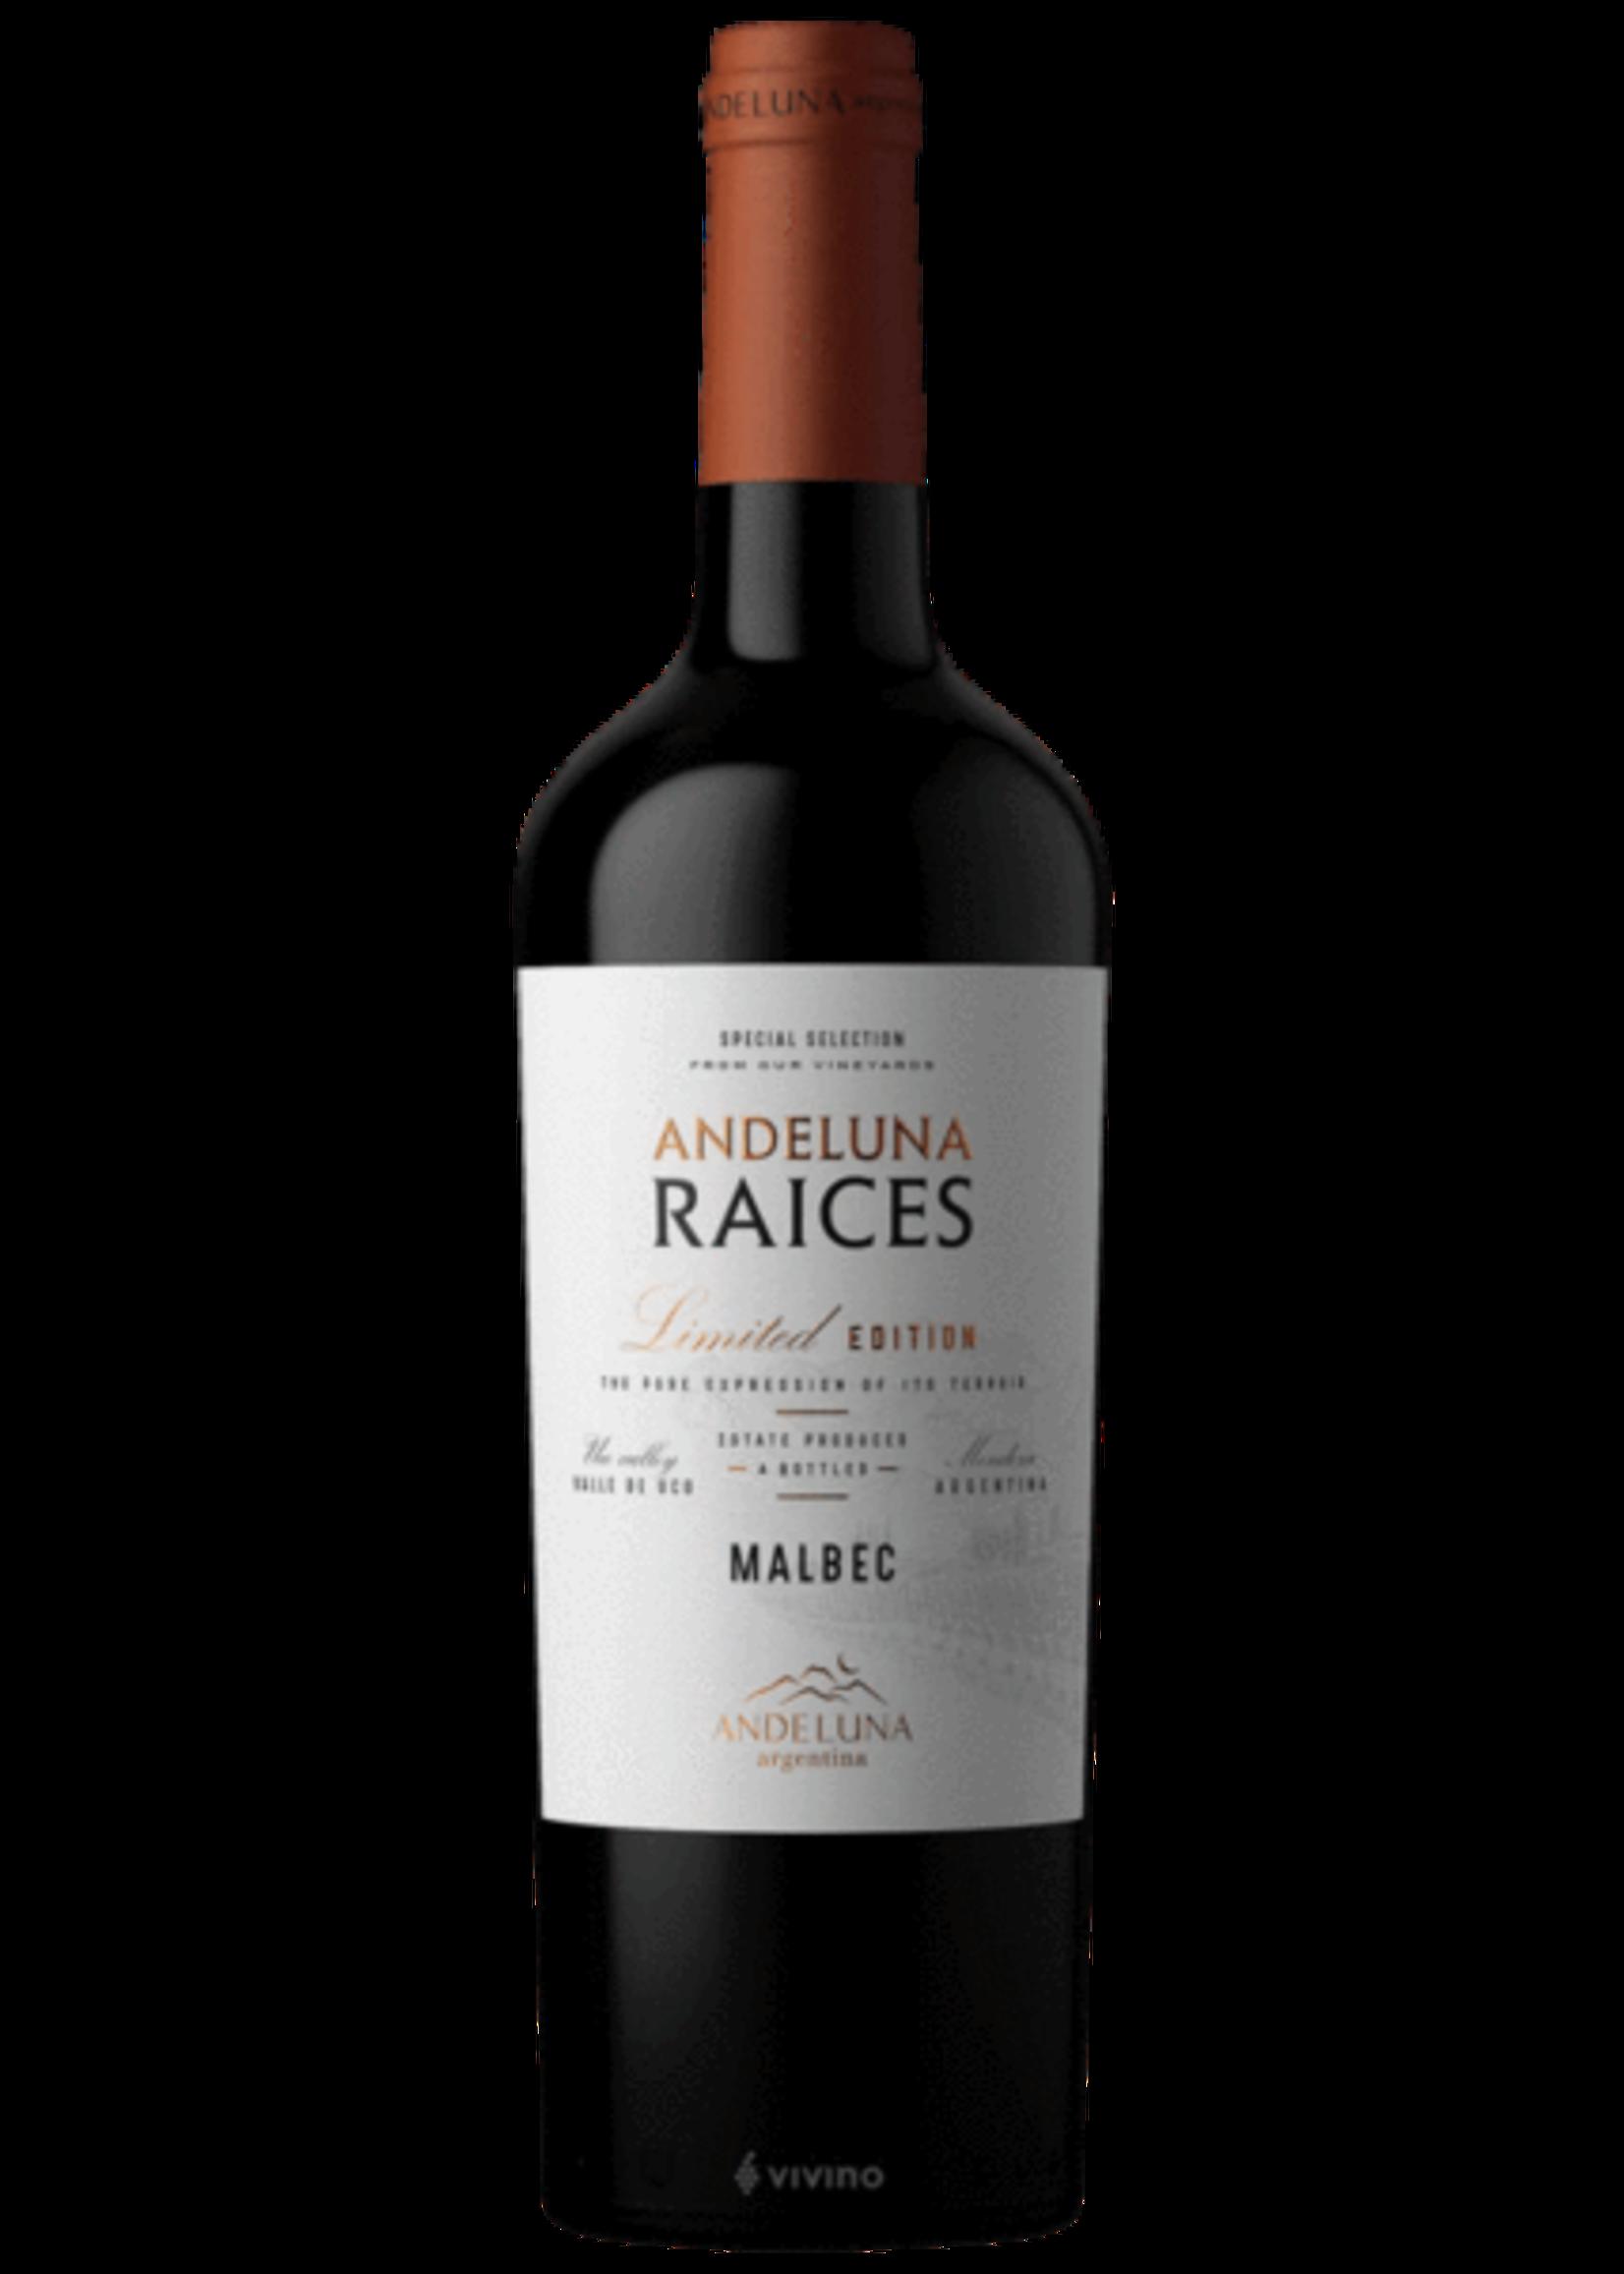 Andeluna Cellars Andeluna Cellars / Limited Edition Malbec Raices / 750mL